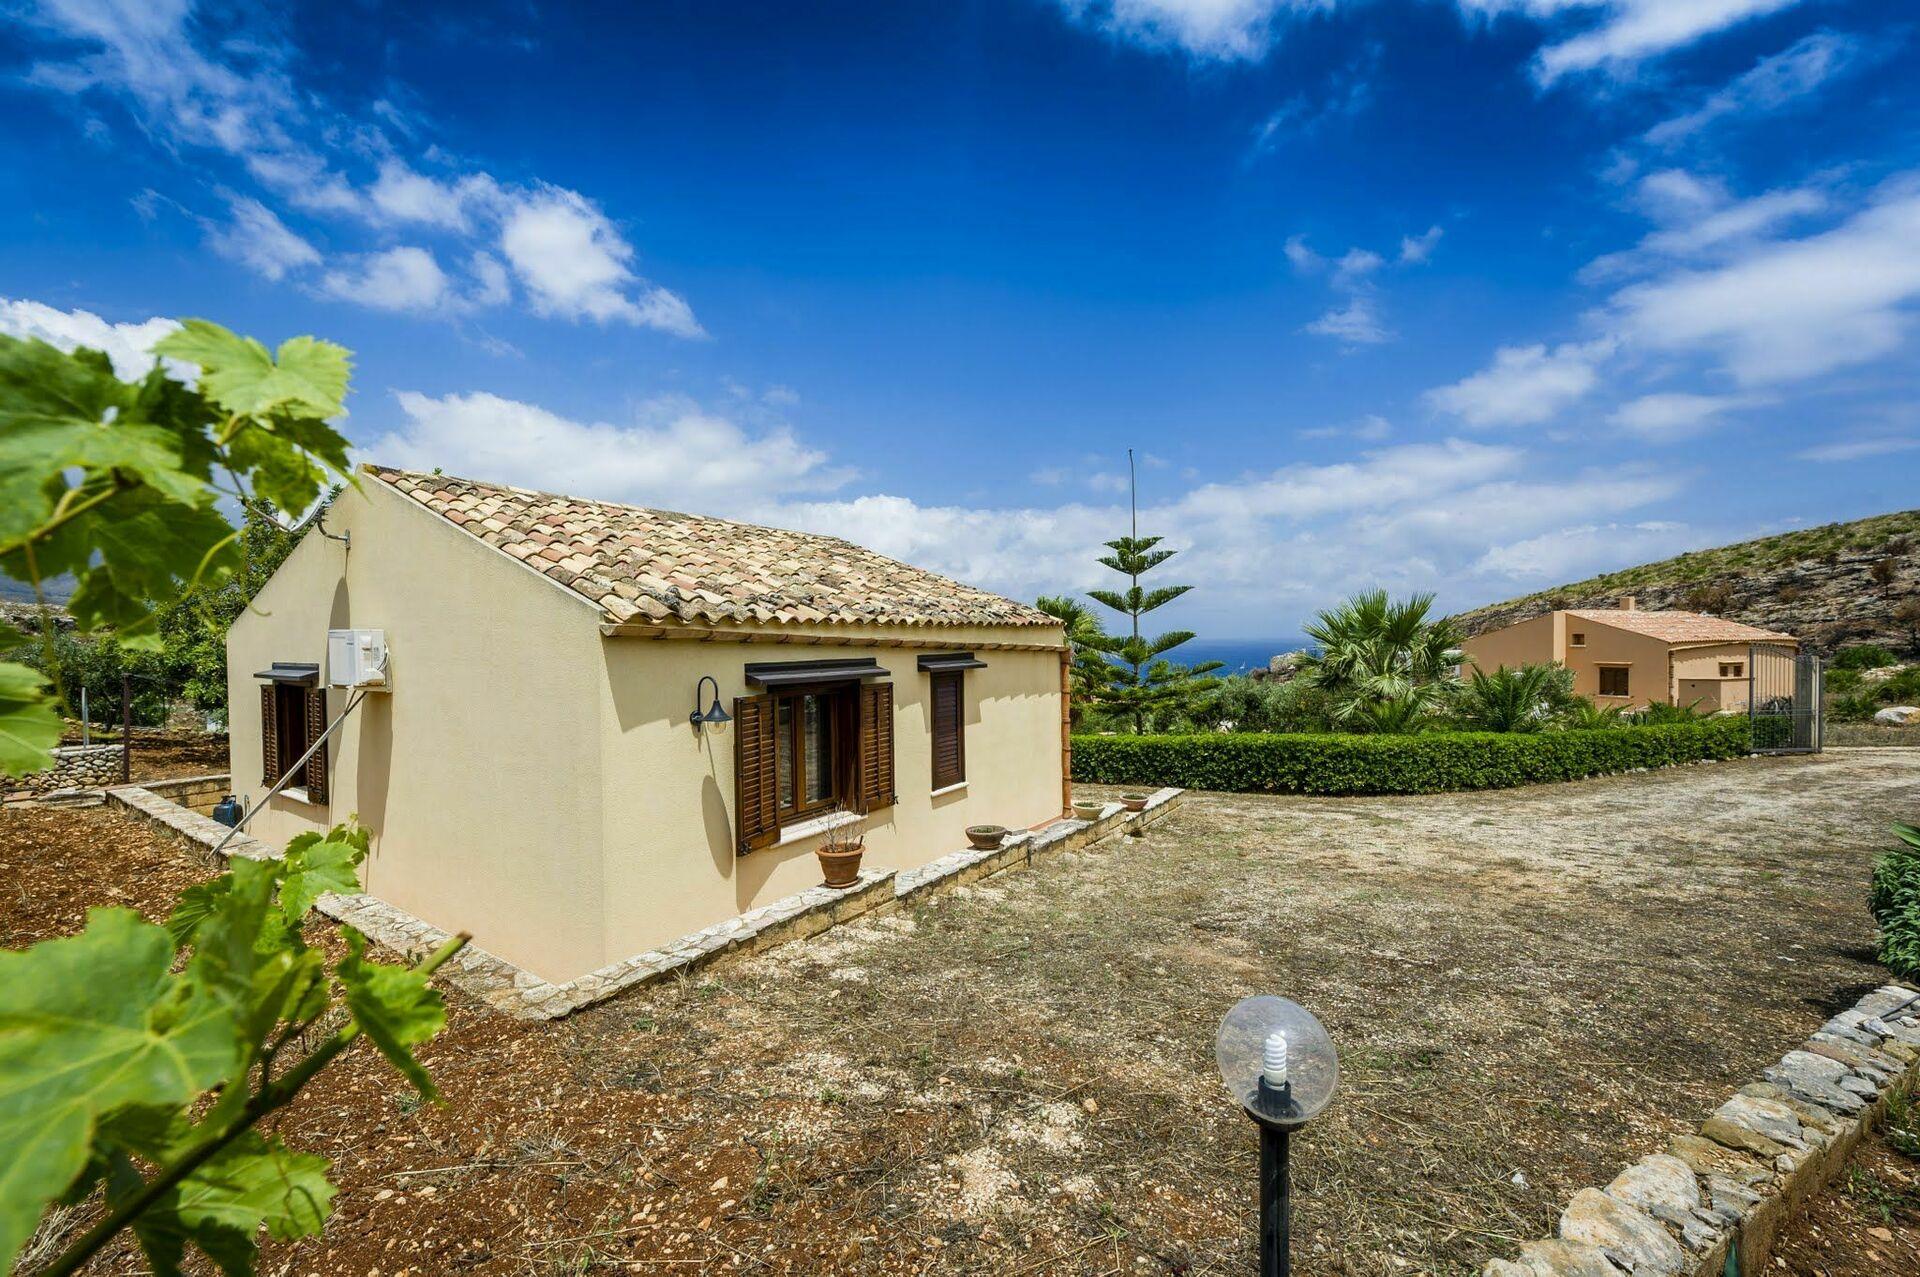 Casa in sicilia per vacanze casa bianca for Subito case vacanze sicilia